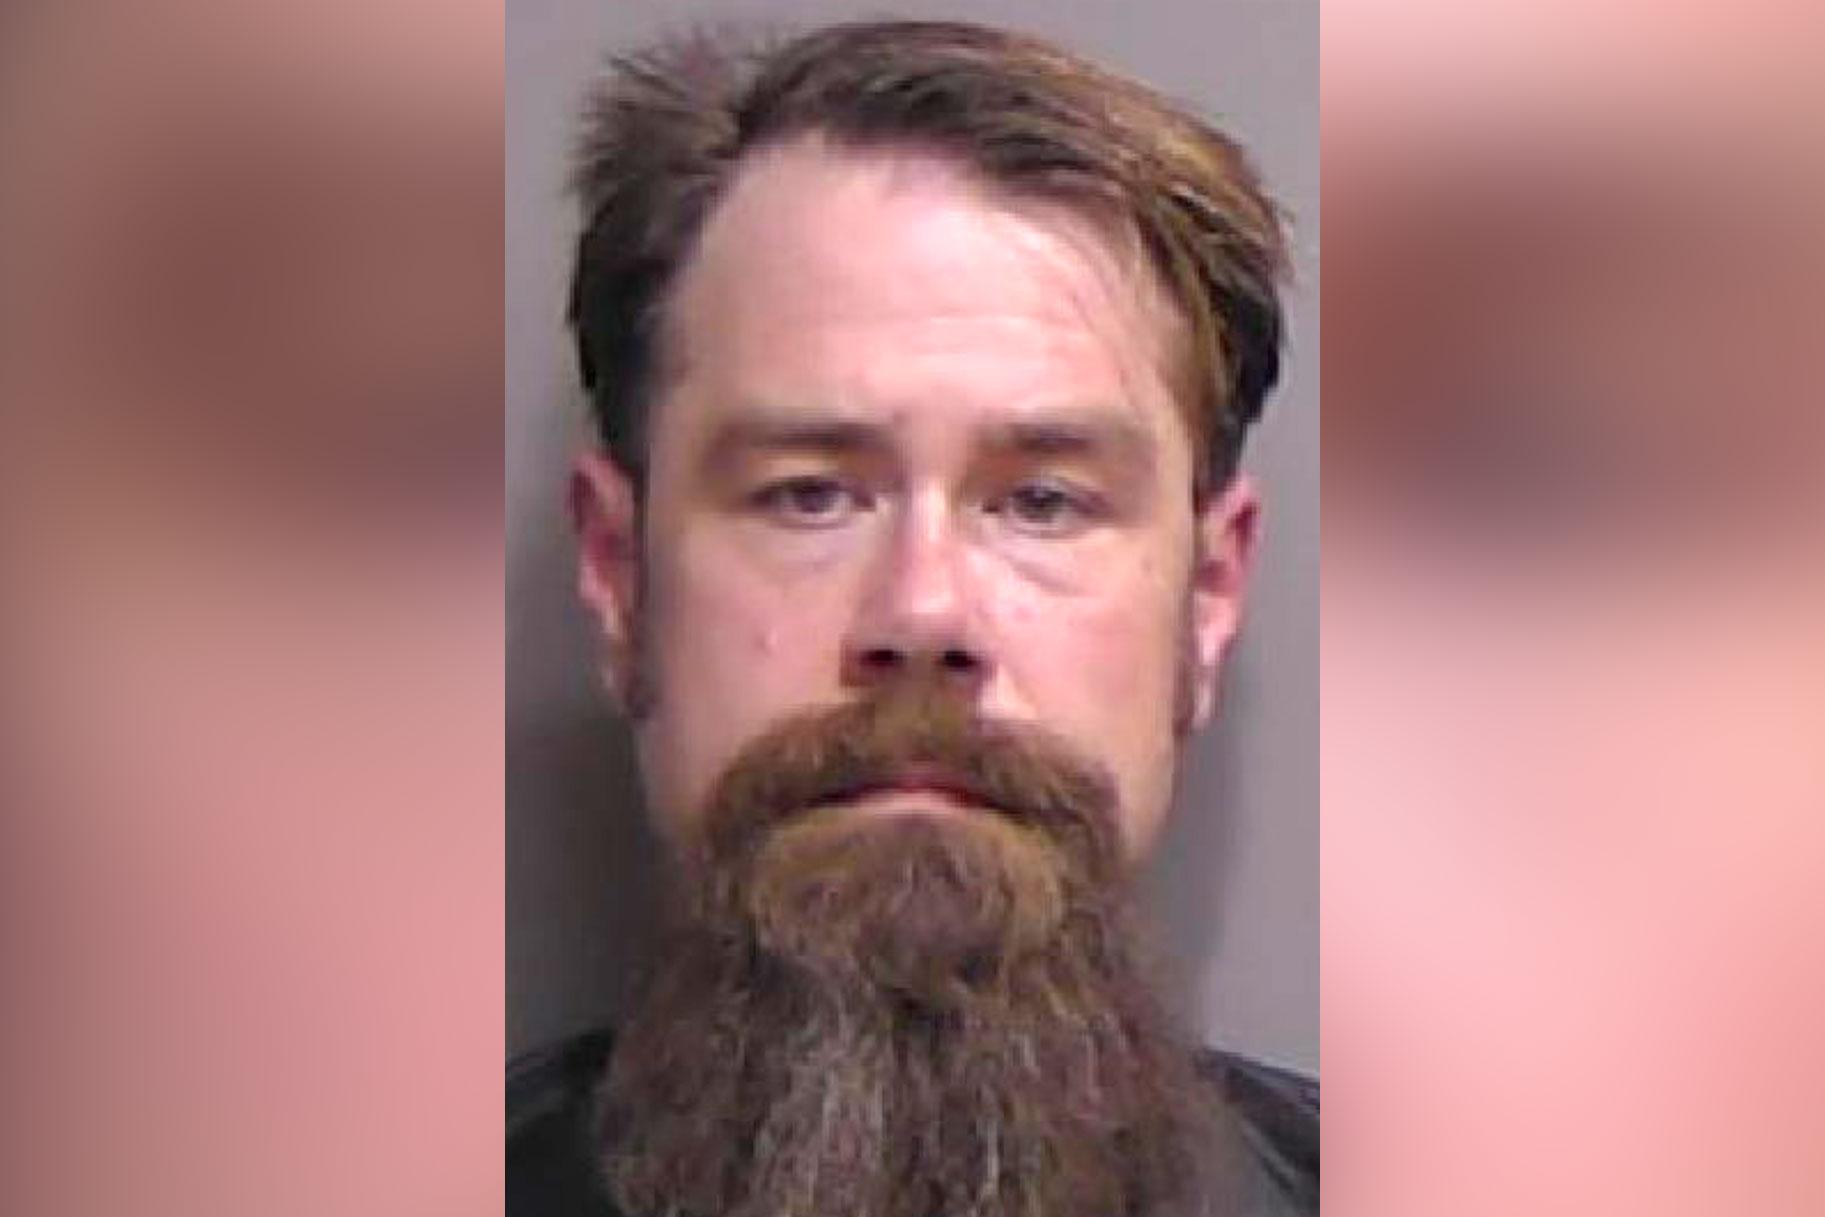 Arresto de un hombre en Florida en medio de un presunto intento de matar a su novia captado por la cámara del cuerpo de la policía